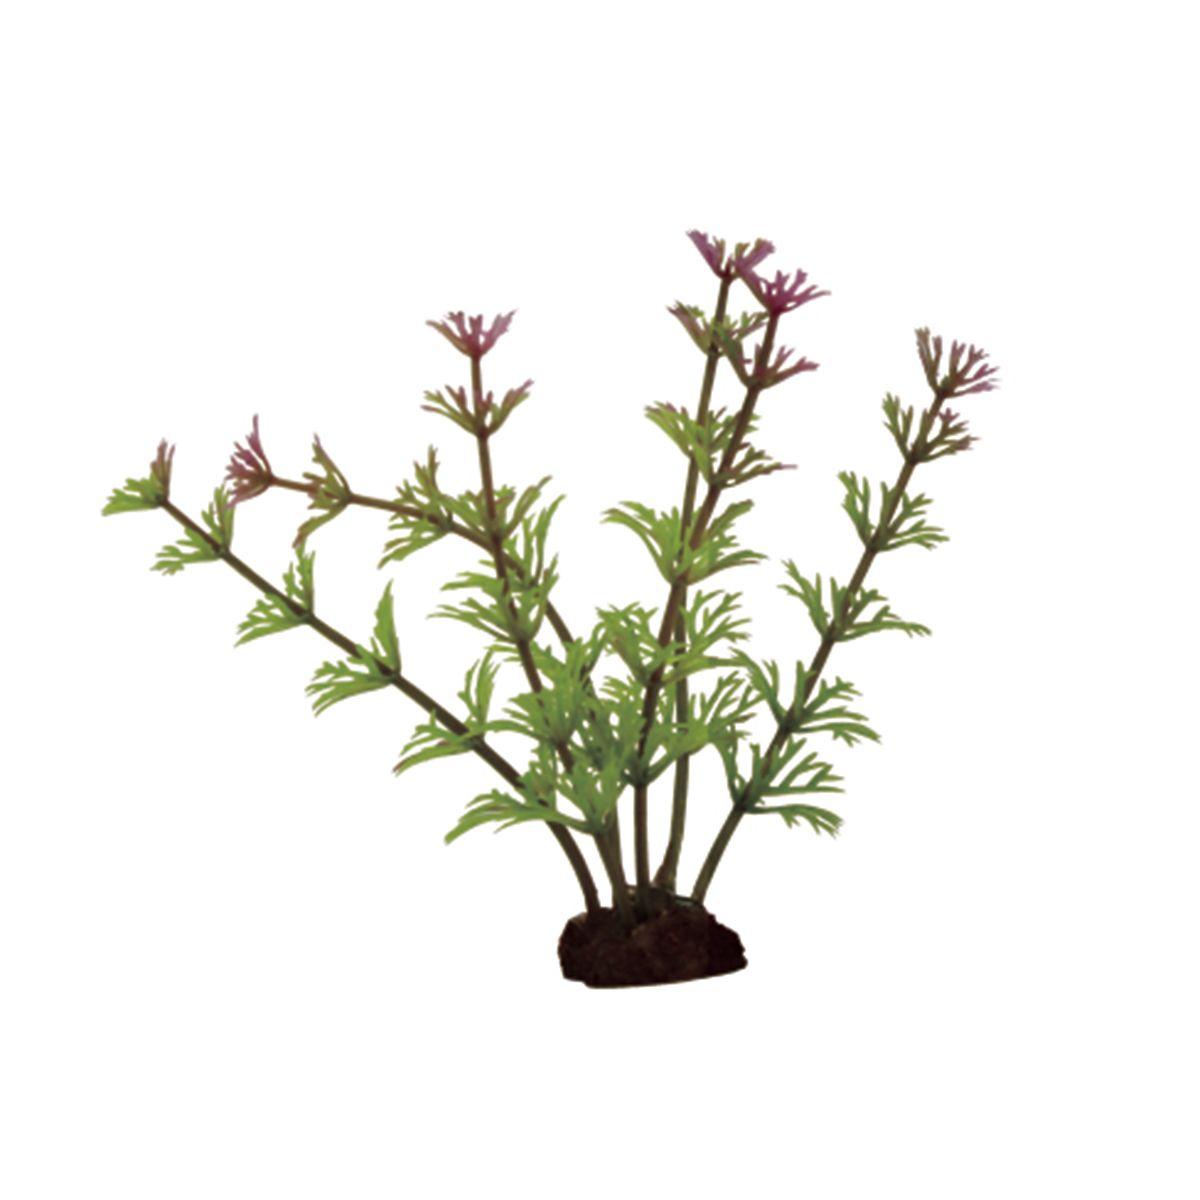 Растение для аквариума ArtUniq Кабомба красно-зеленая, высота 10 см, 6 шт0120710Композиция из искусственных растений ArtUniq превосходно украсит и оживит аквариум.Растения - это важная часть любой композиции, они помогут вдохнуть жизнь в ландшафт любого аквариума или террариума. А их сходствос природными порадует даже самых взыскательных ценителей.